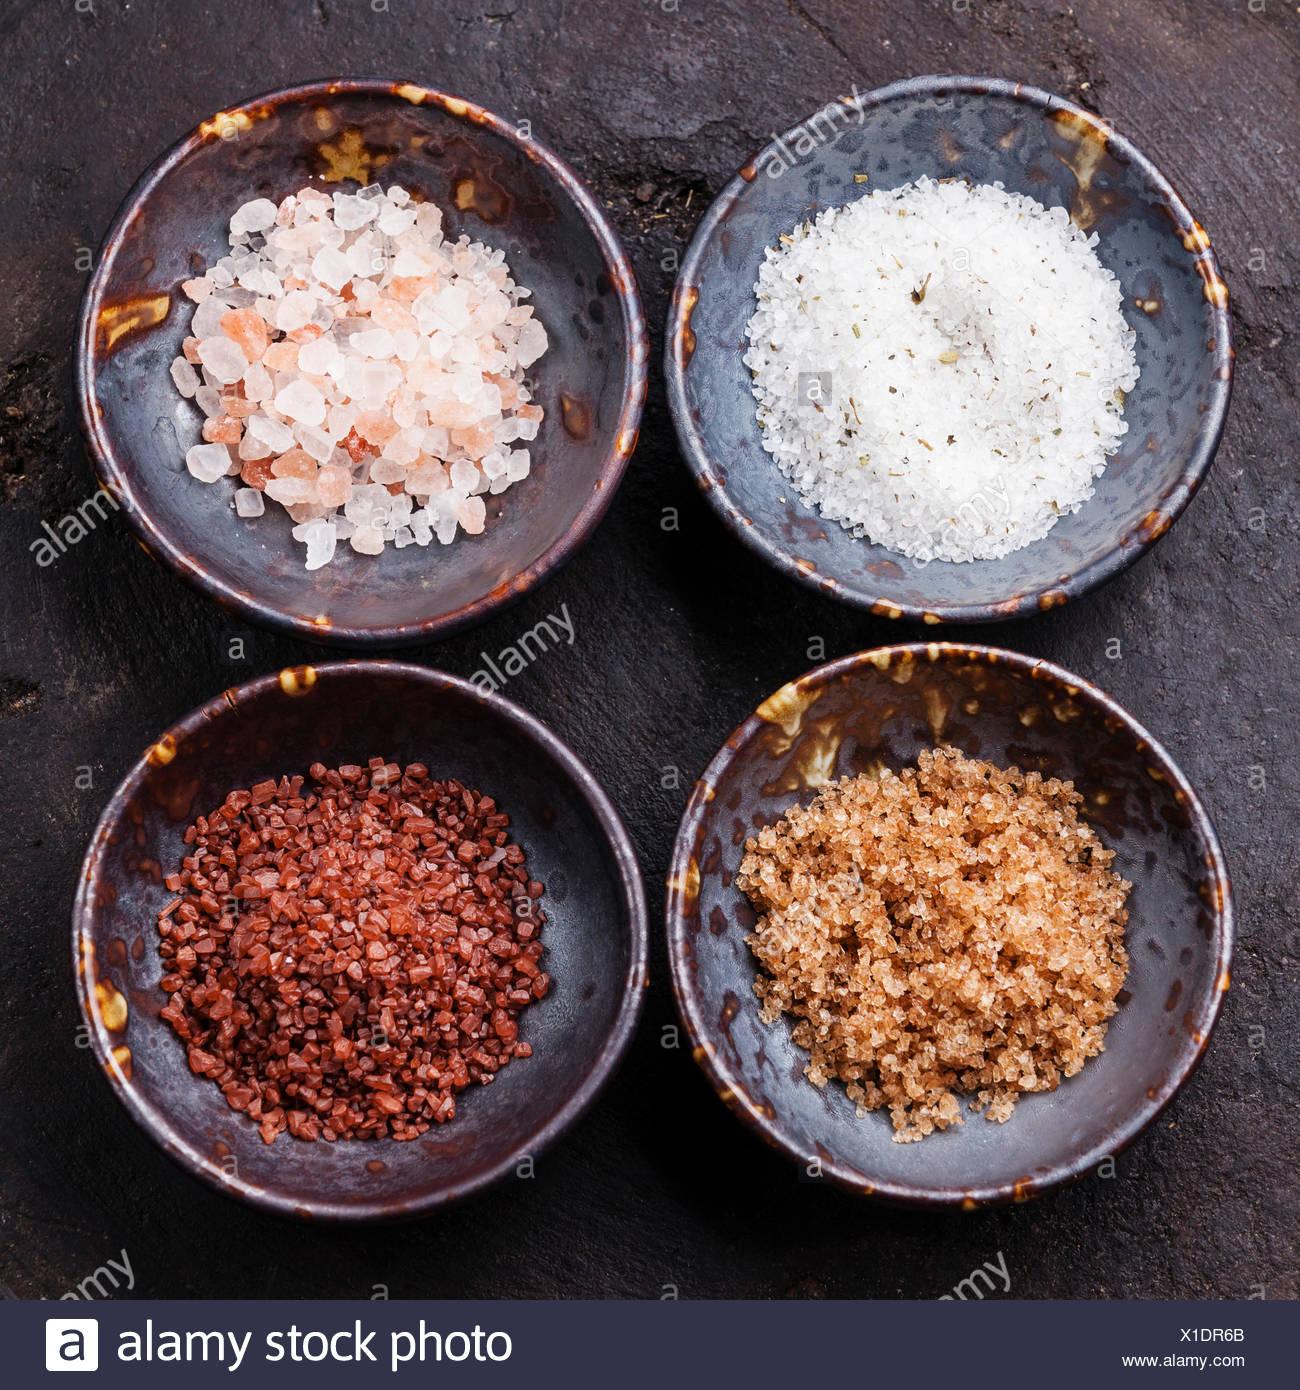 Diversi tipi di alimenti sale grosso in ciotole di ceramica su sfondo scuro Immagini Stock